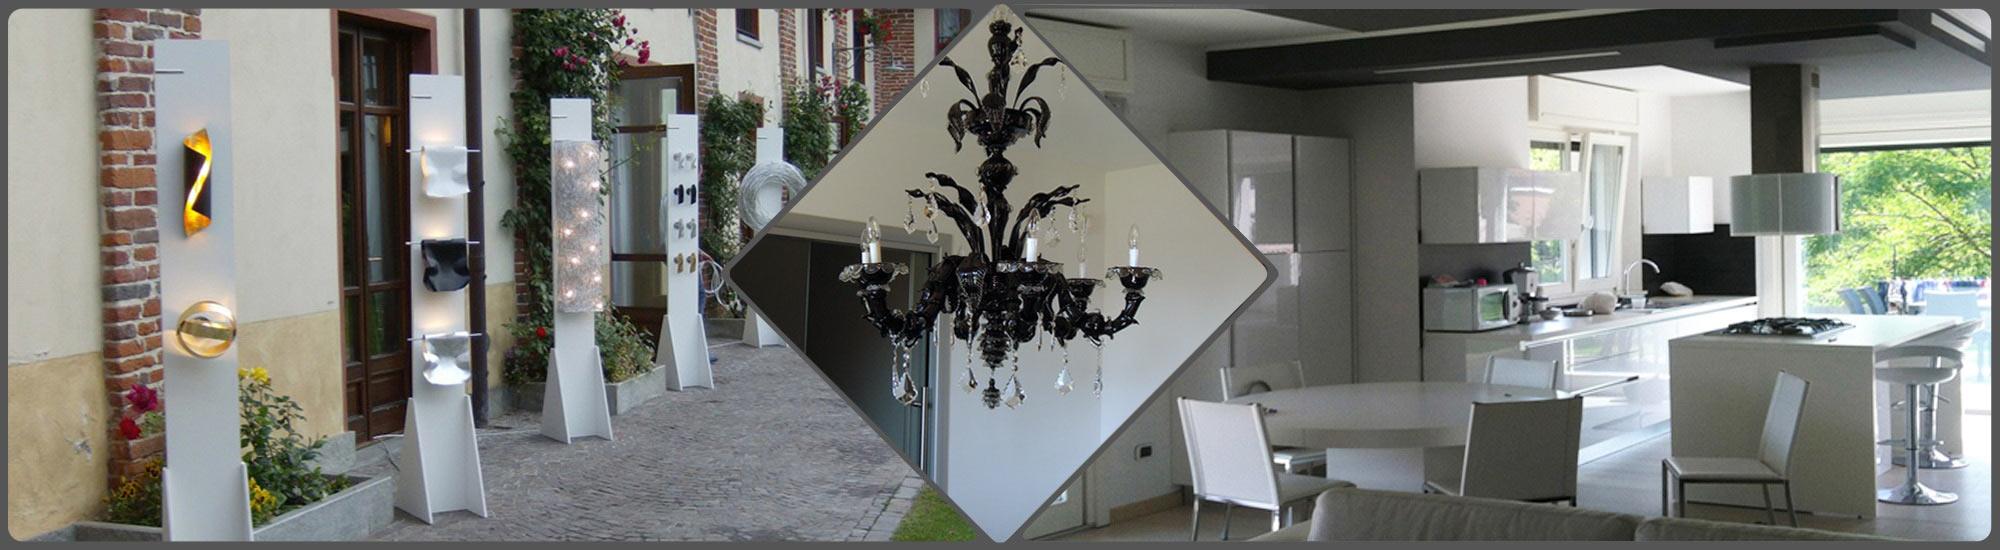 Progetto della F.A.L.C. Lampadari di illuminazione da esterni sulla sinistra e progetto di illuminazione da interni sulla destra realizzato a seguito di consulenza personalizzata a Ciriè (TO)